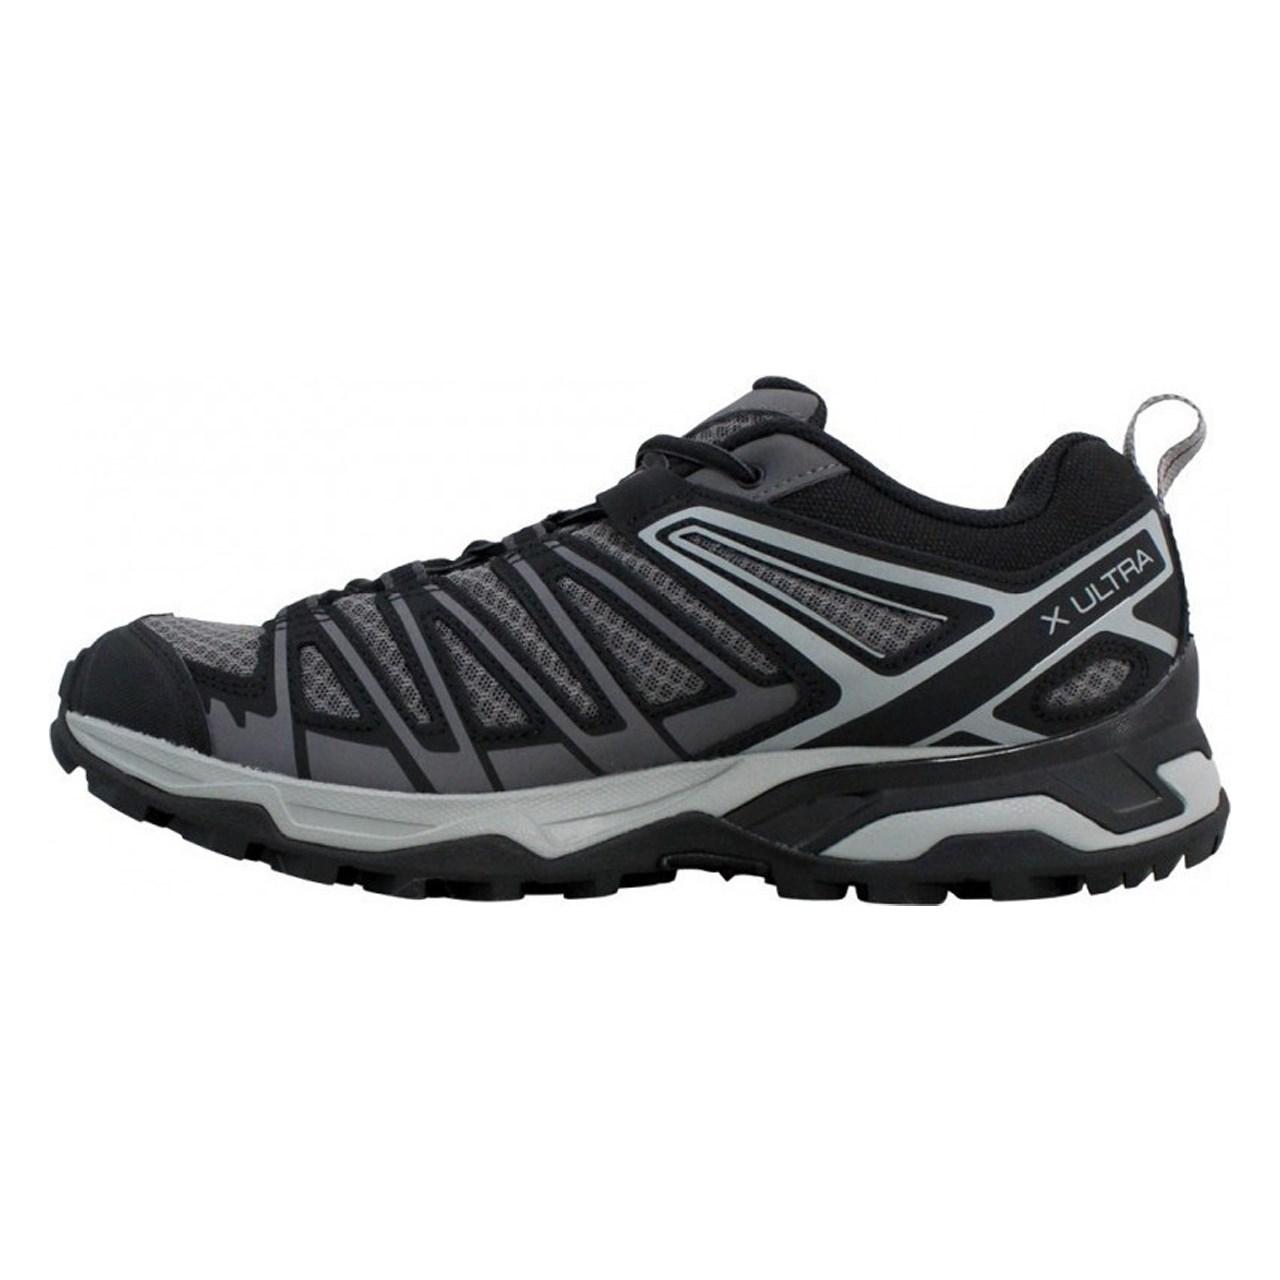 قیمت کفش کوهنوردی مردانه سالومون مدل 401250